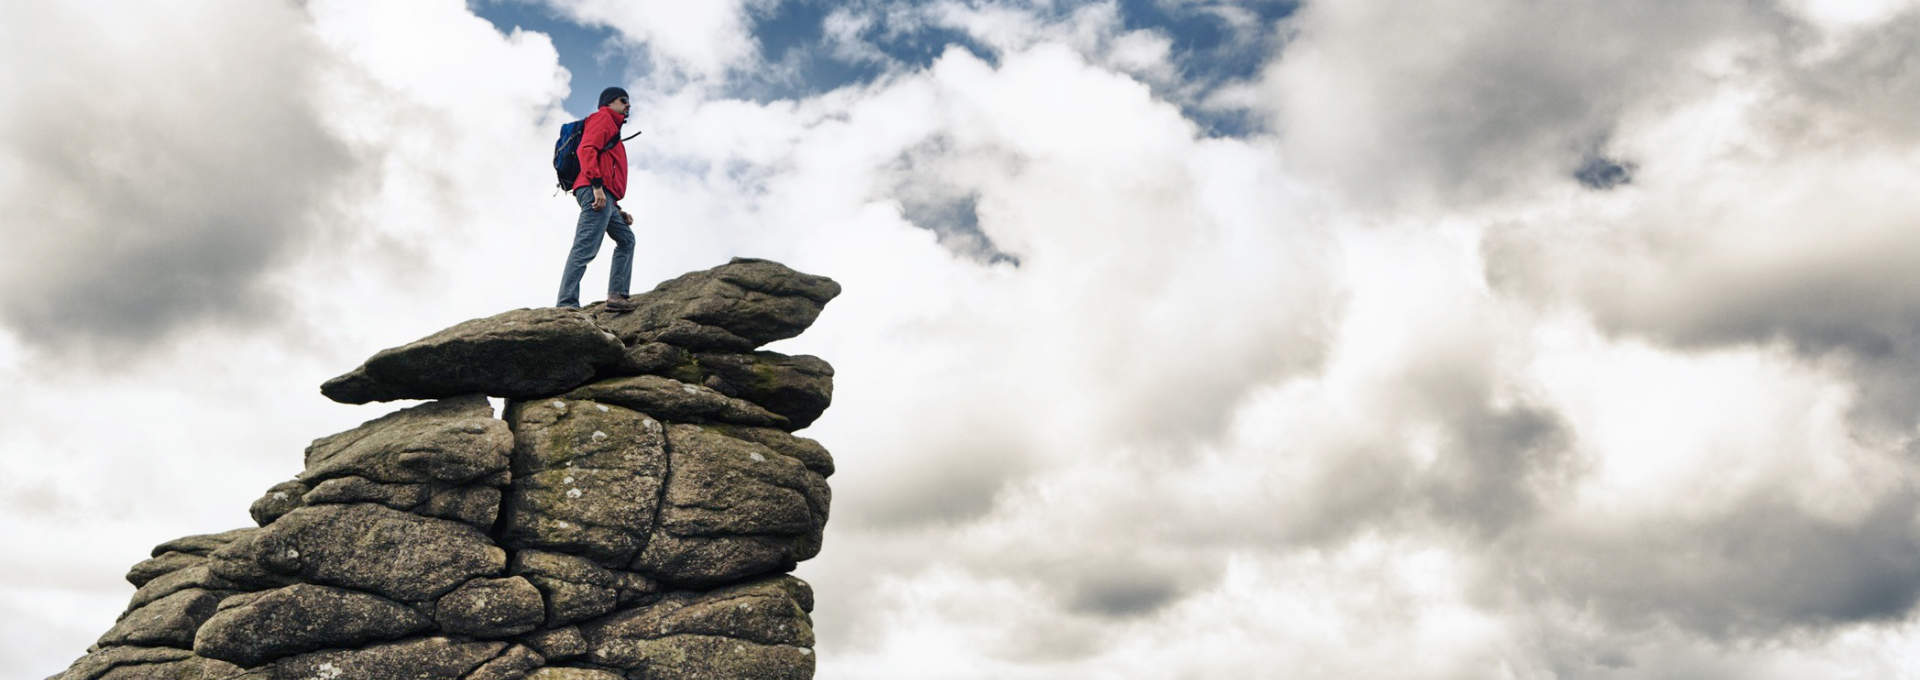 Bergsteiger vor wolkigem Himmel